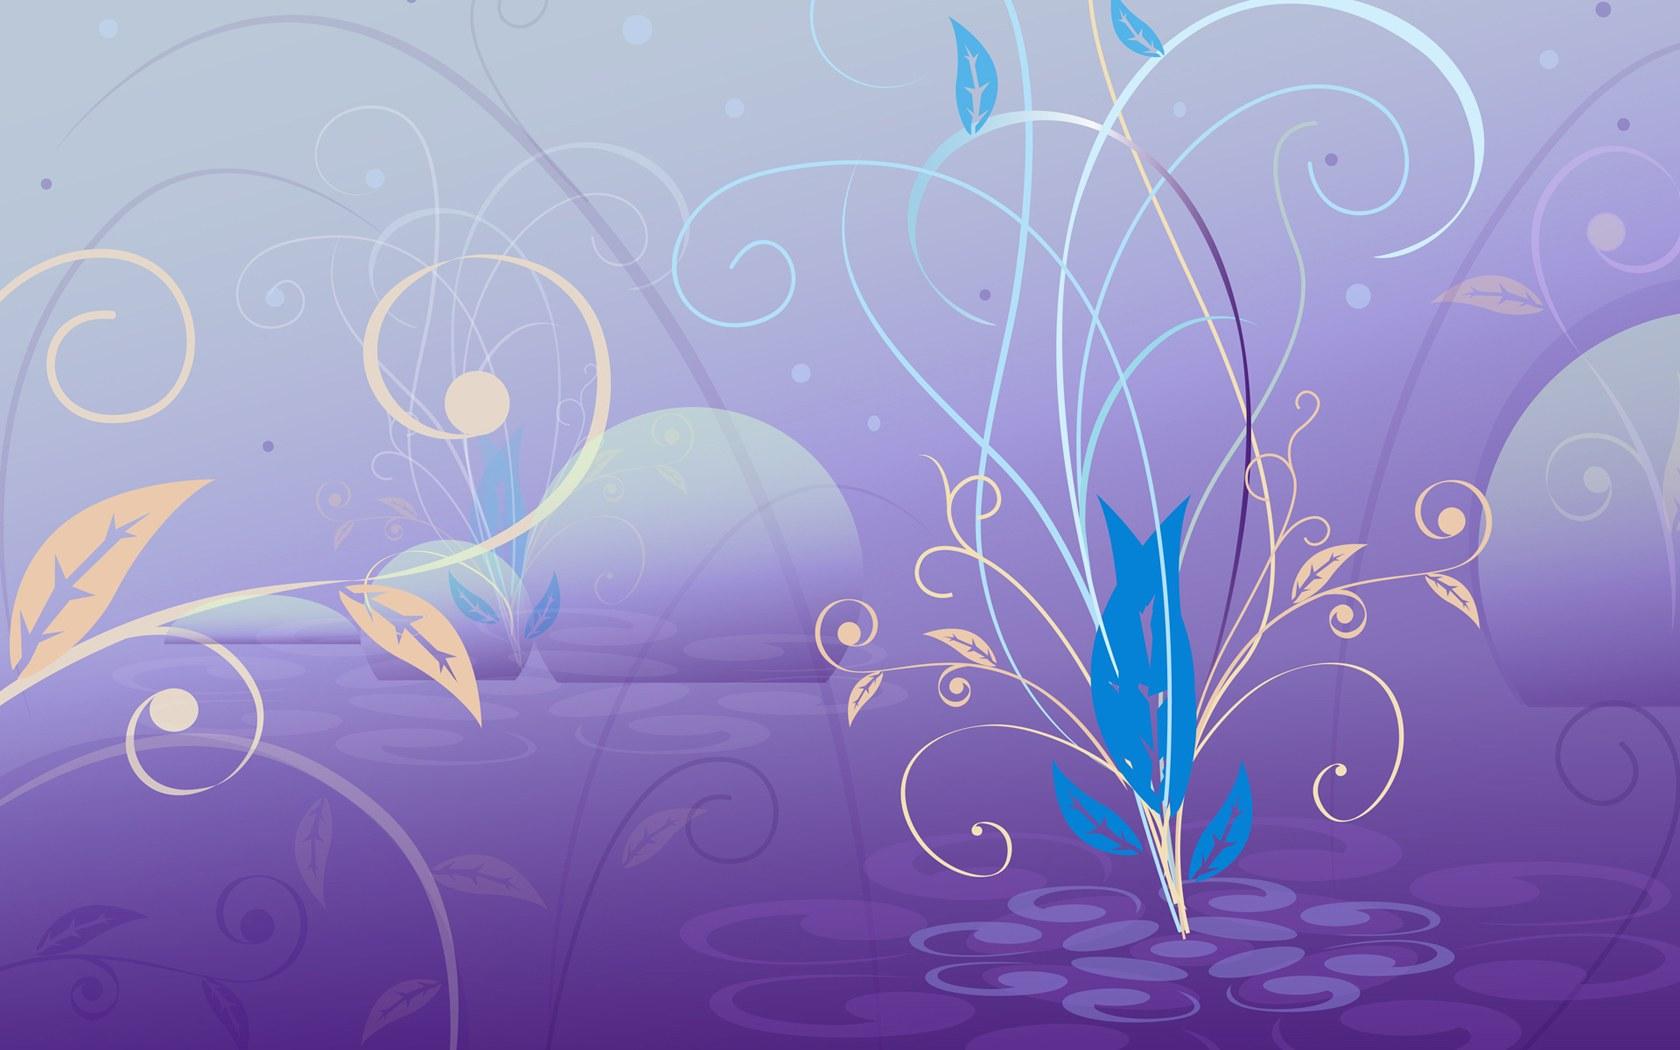 超漂亮的韩国矢量花纹背景素材